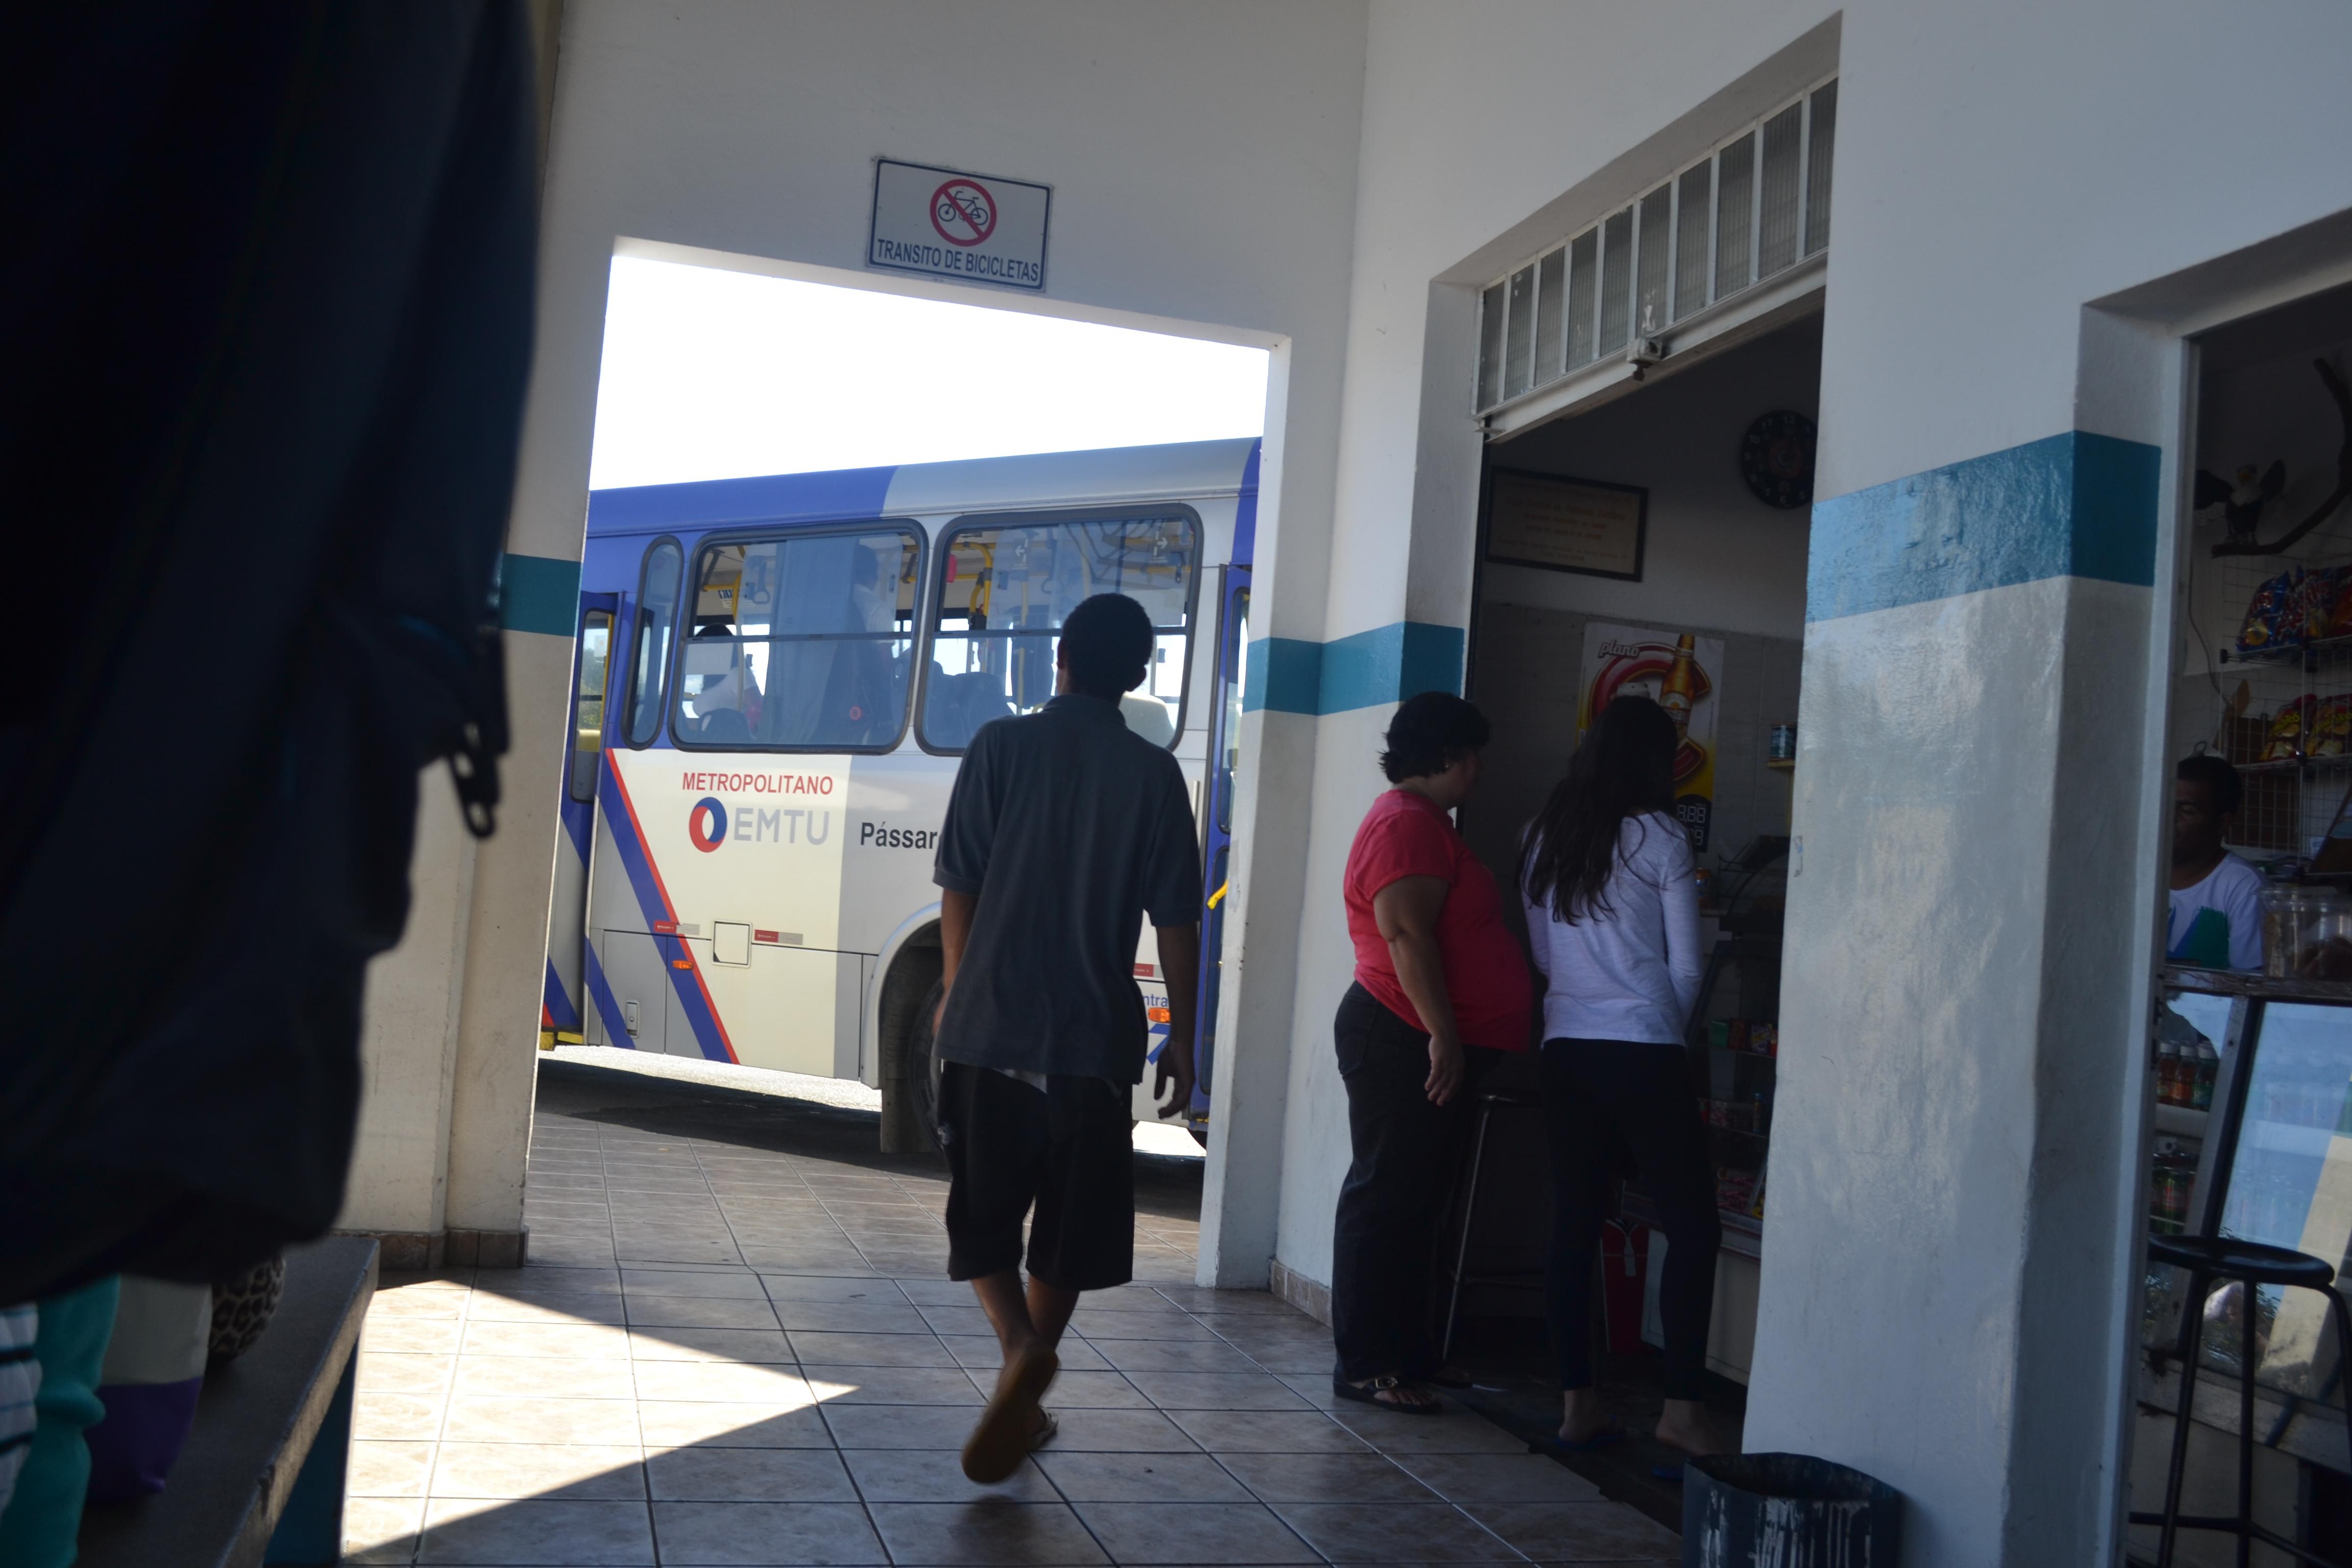 Jovem pede esmola à passageiros que aguardam ônibus na rodoviária (Foto: Lucas Barbosa)